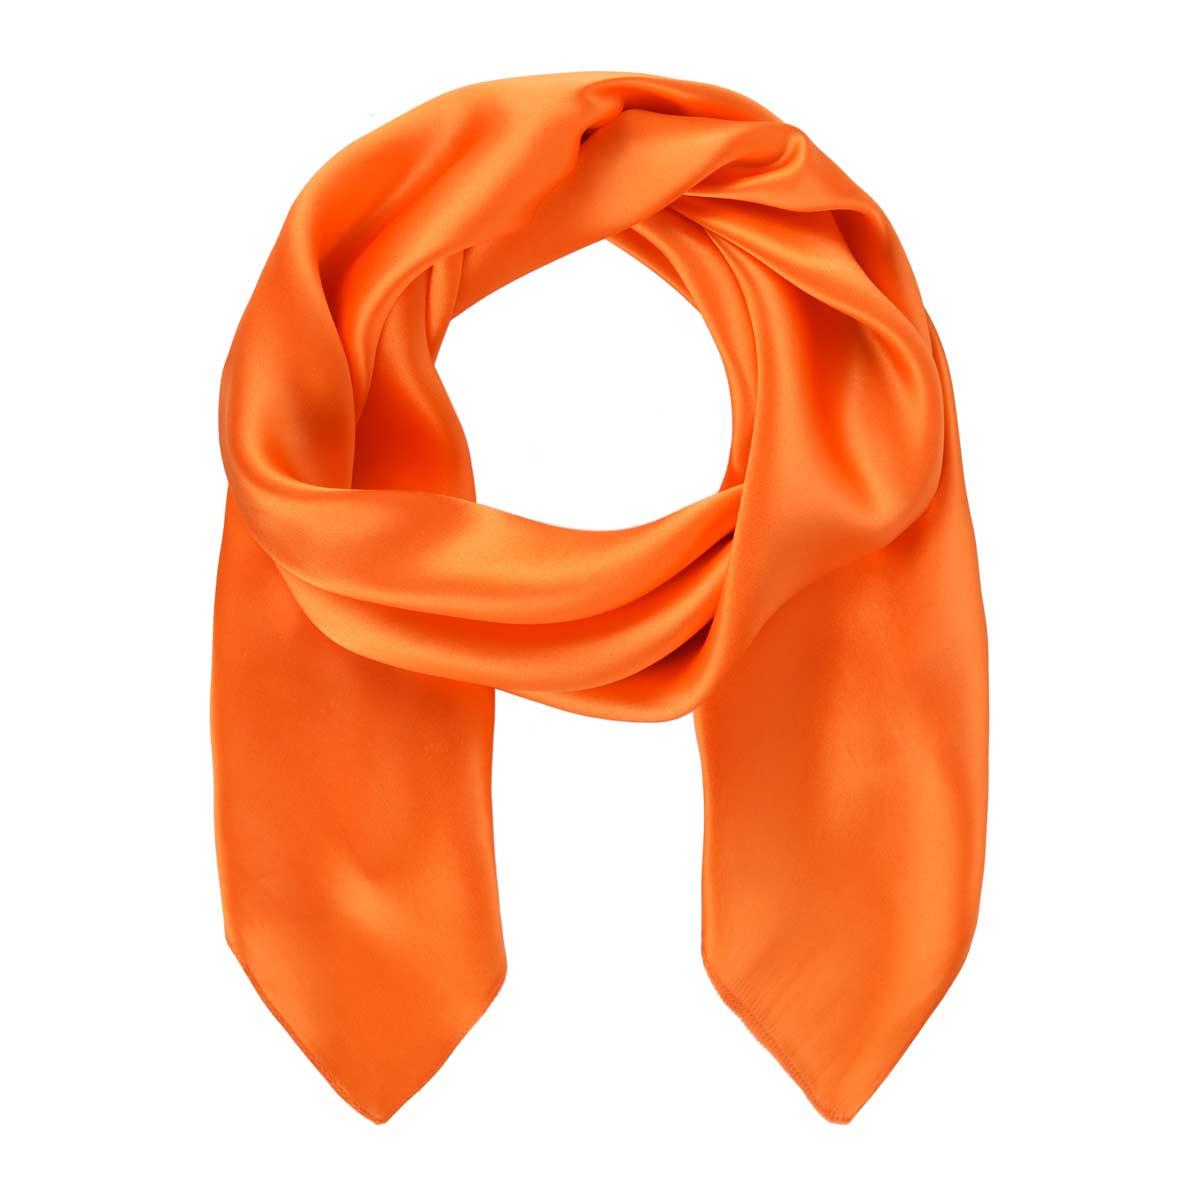 AT-05382_F12-1--_Carre-soie-orange-uni